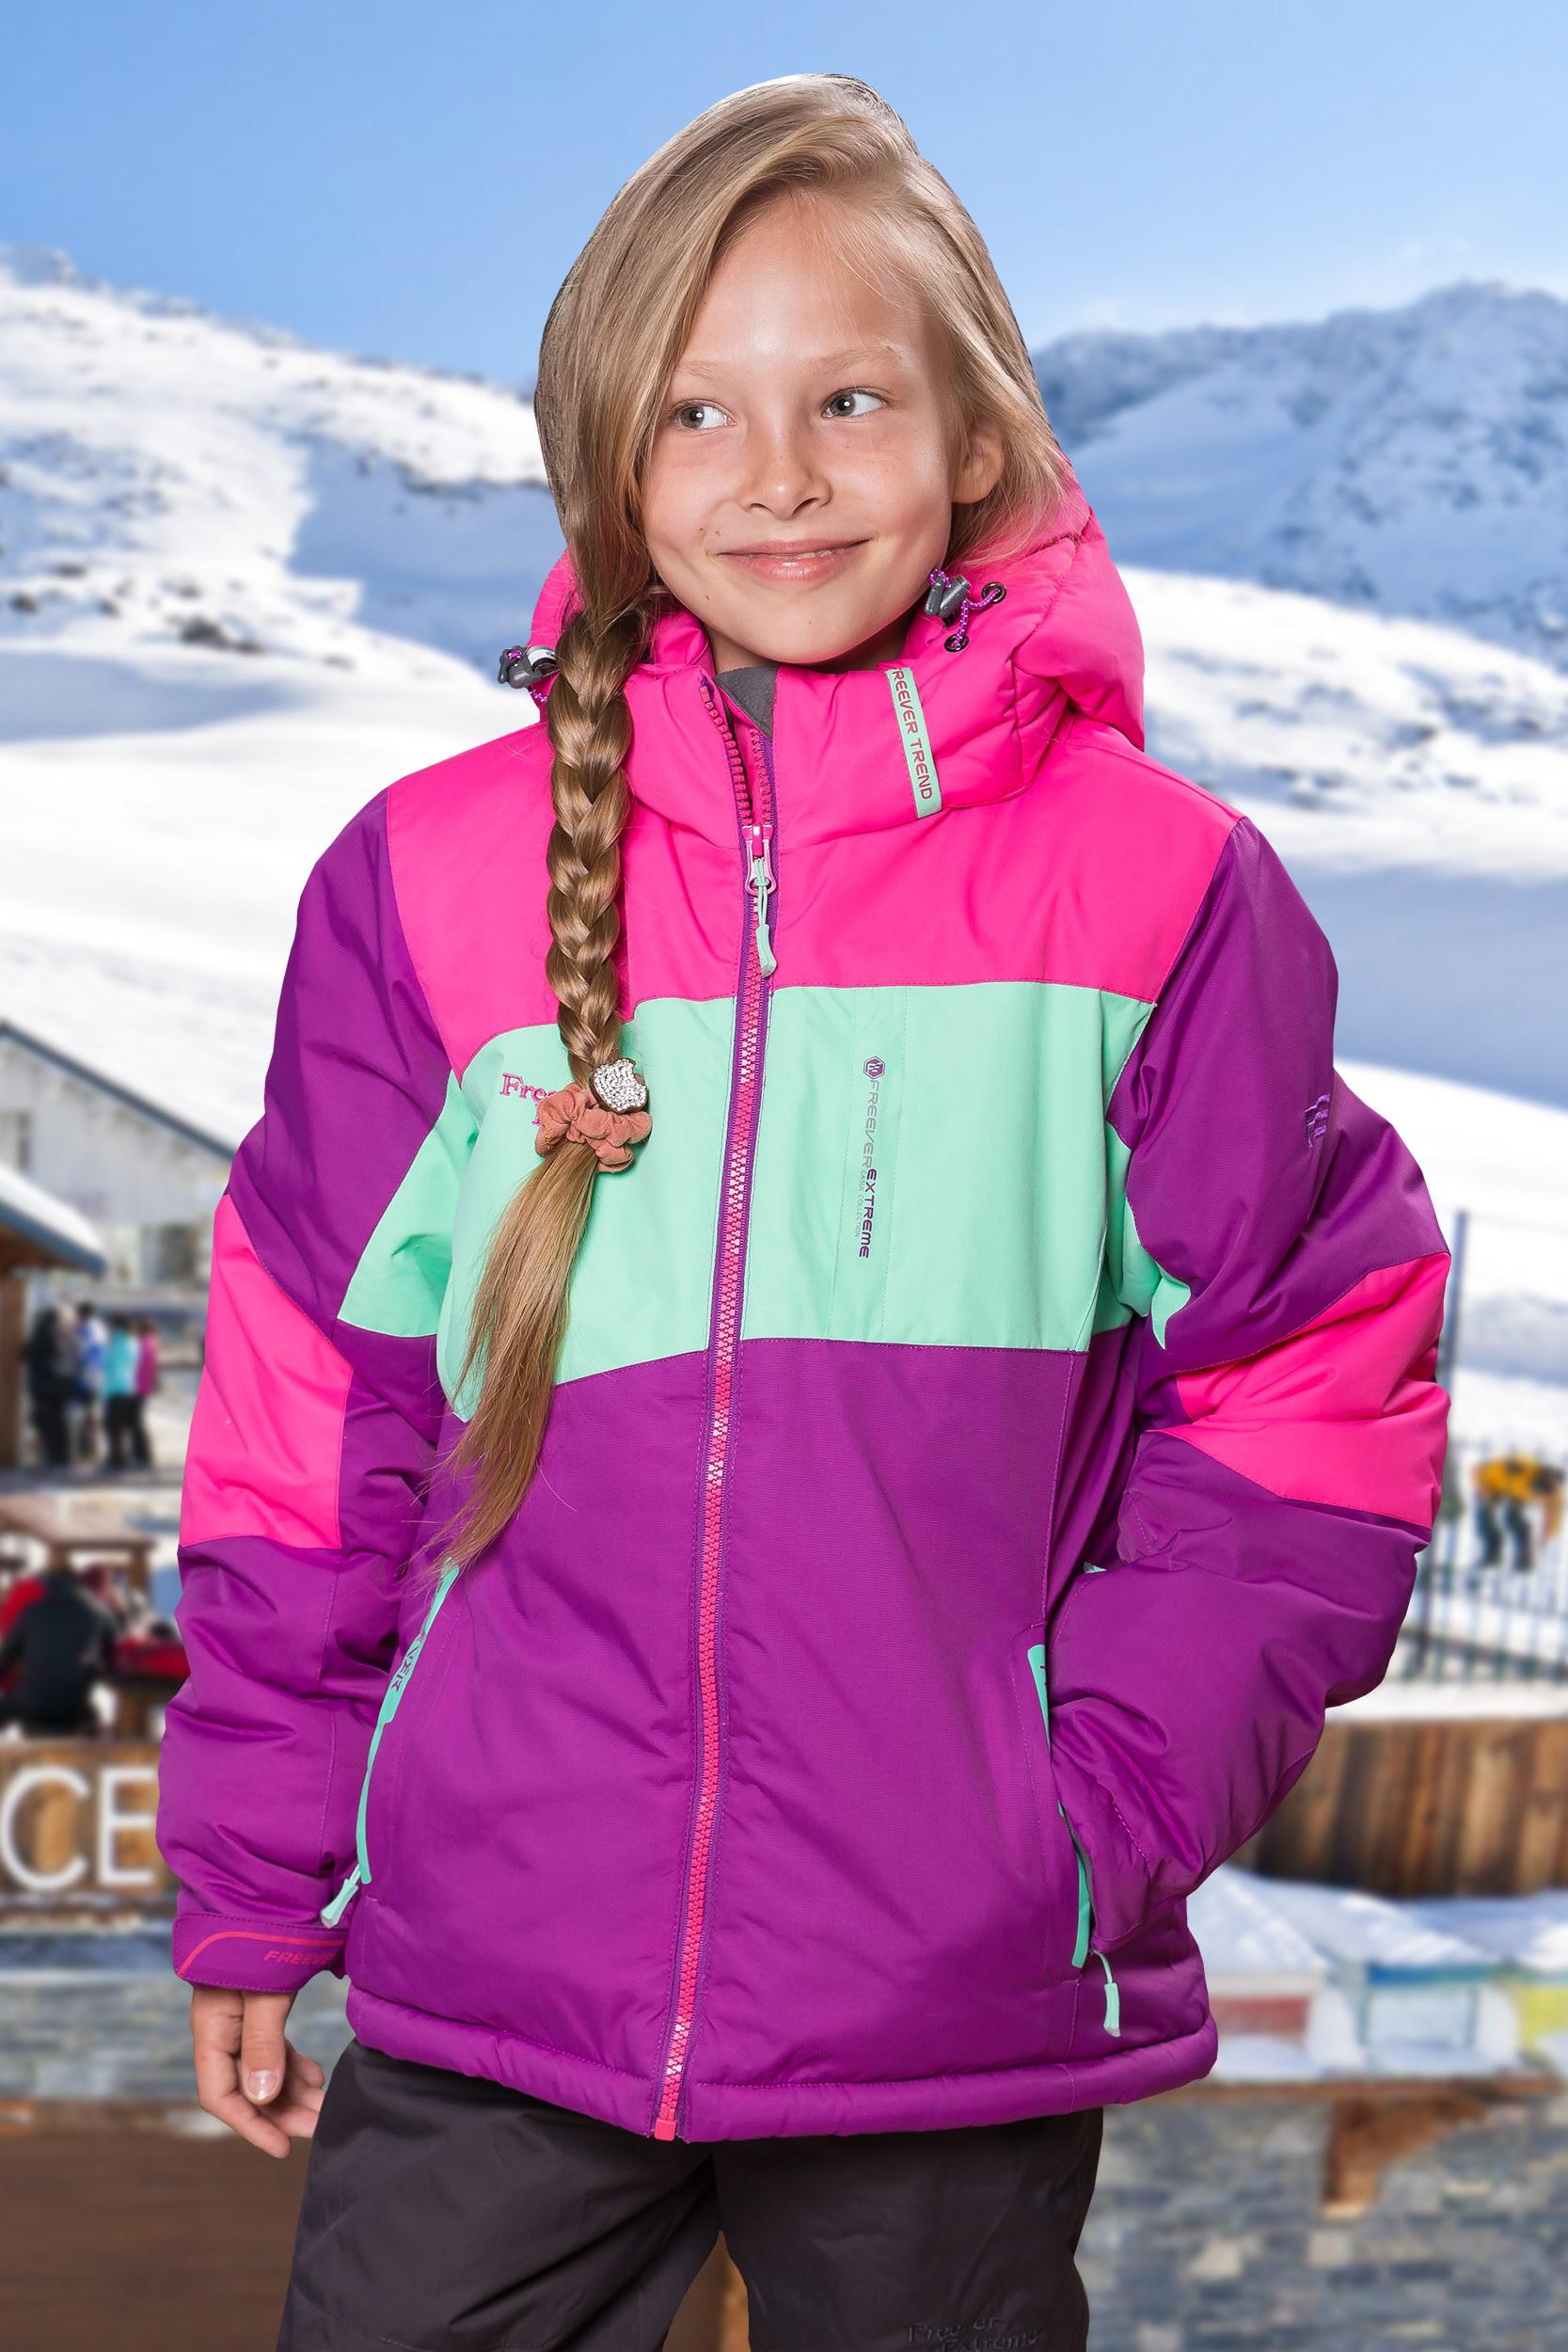 dddd8cf787da Детский лыжный костюм для девочек FREEVER 27025 купить в Киеве ...